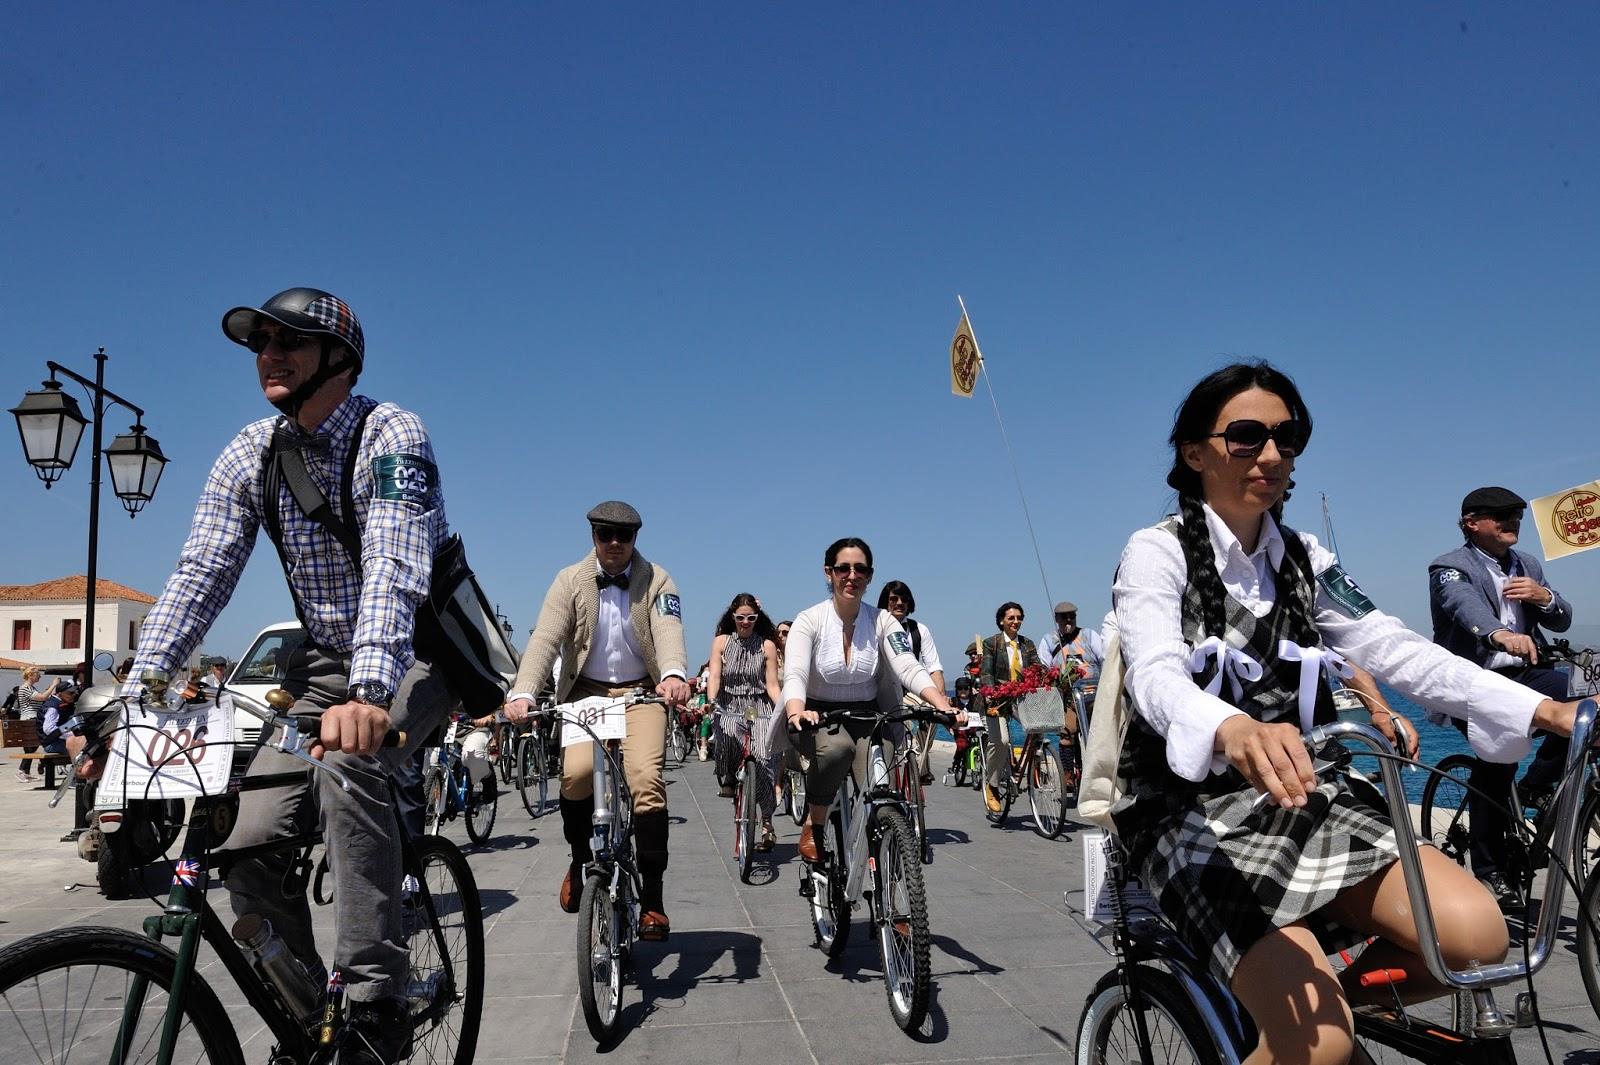 P90216711 highRes Η MINI στο Tweed Run στο νησί των Σπετσών Mini, Tweed Run, Εκδρομές, ποδήλατο